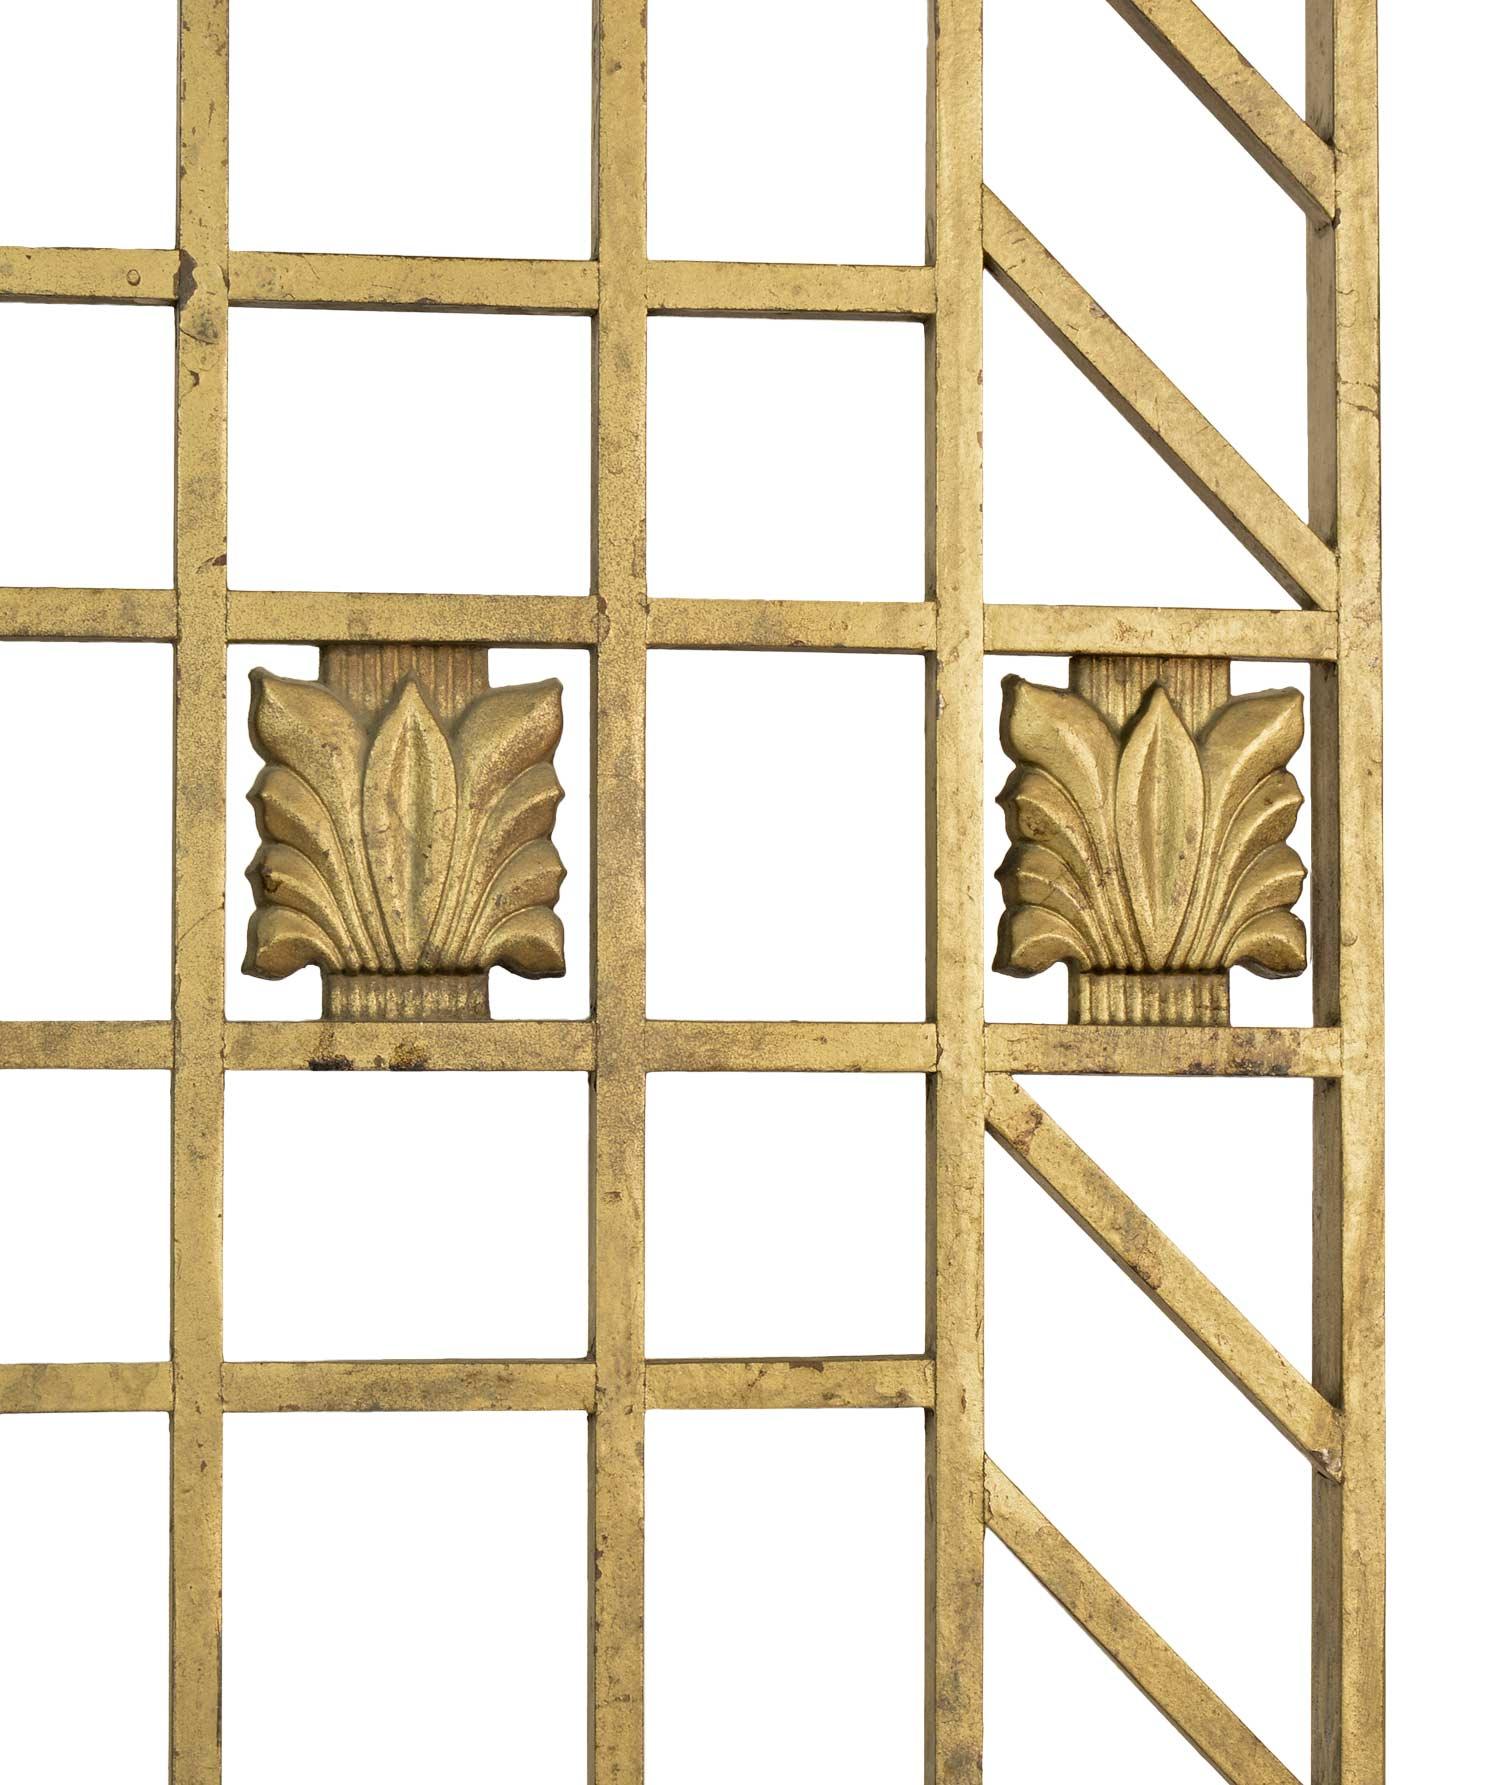 46117-iron-ticket-window-detail.jpg